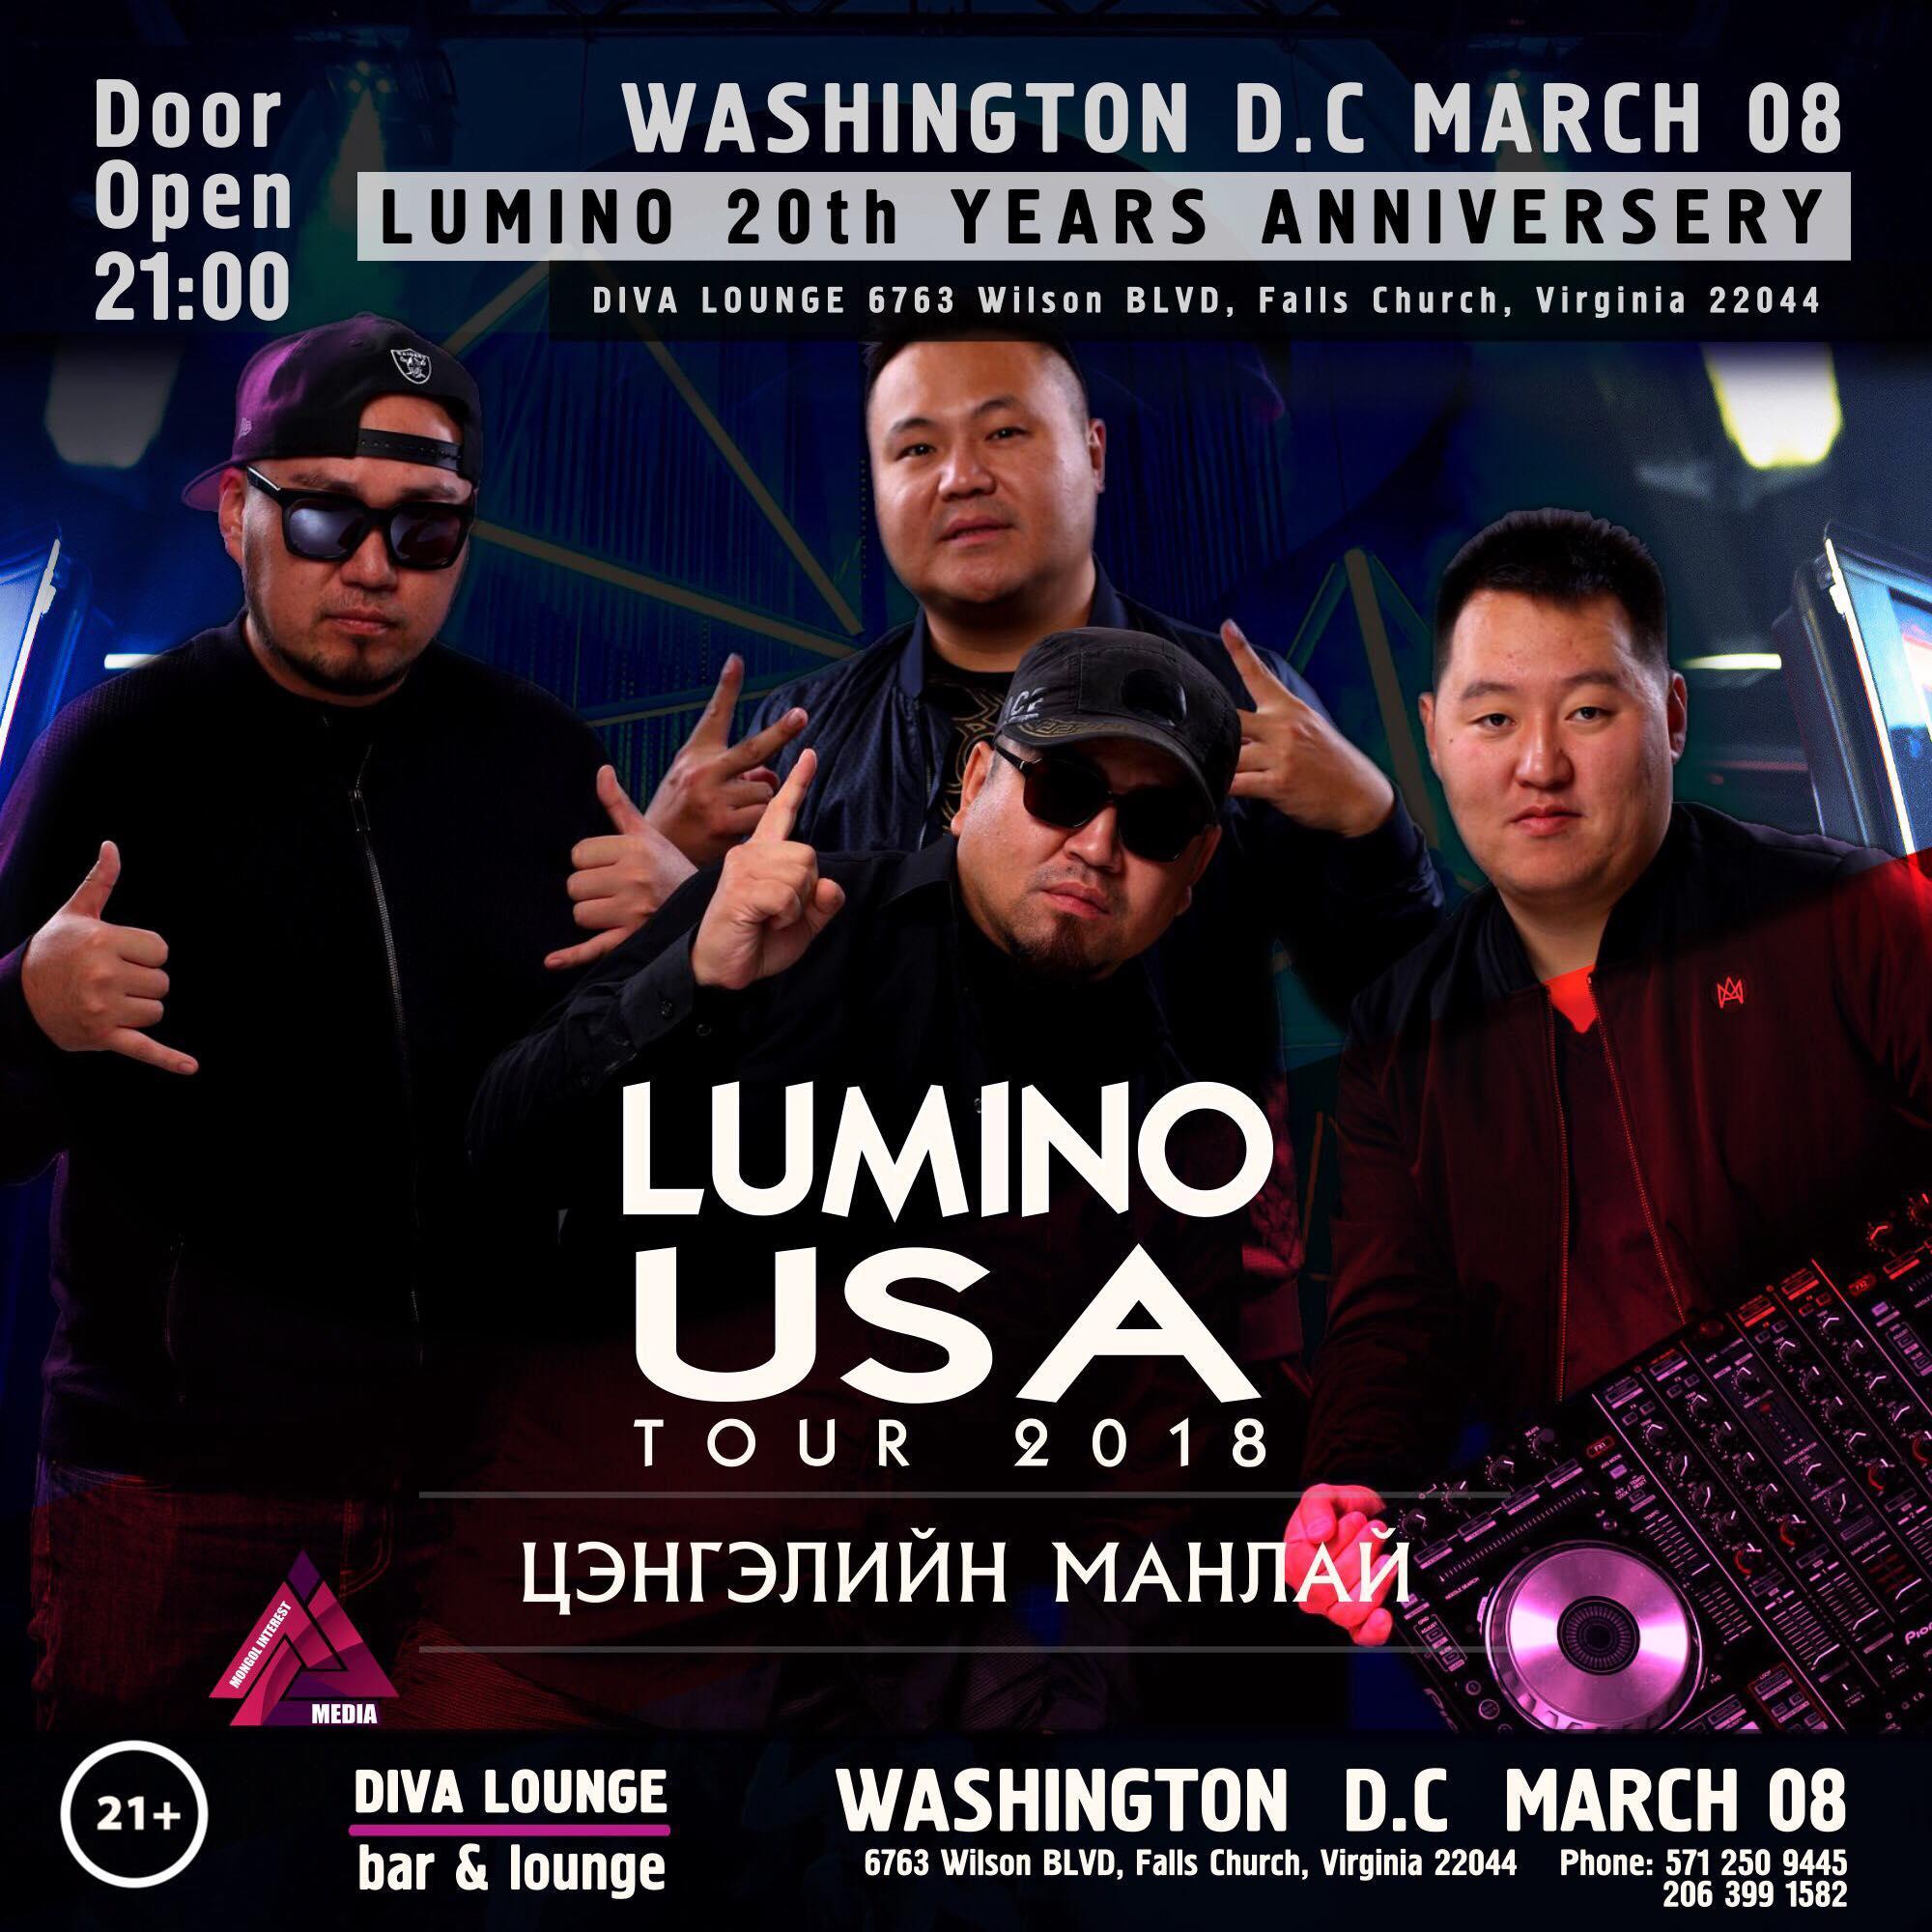 LUMINO 20th years anniversary USA TOUR 2018 S